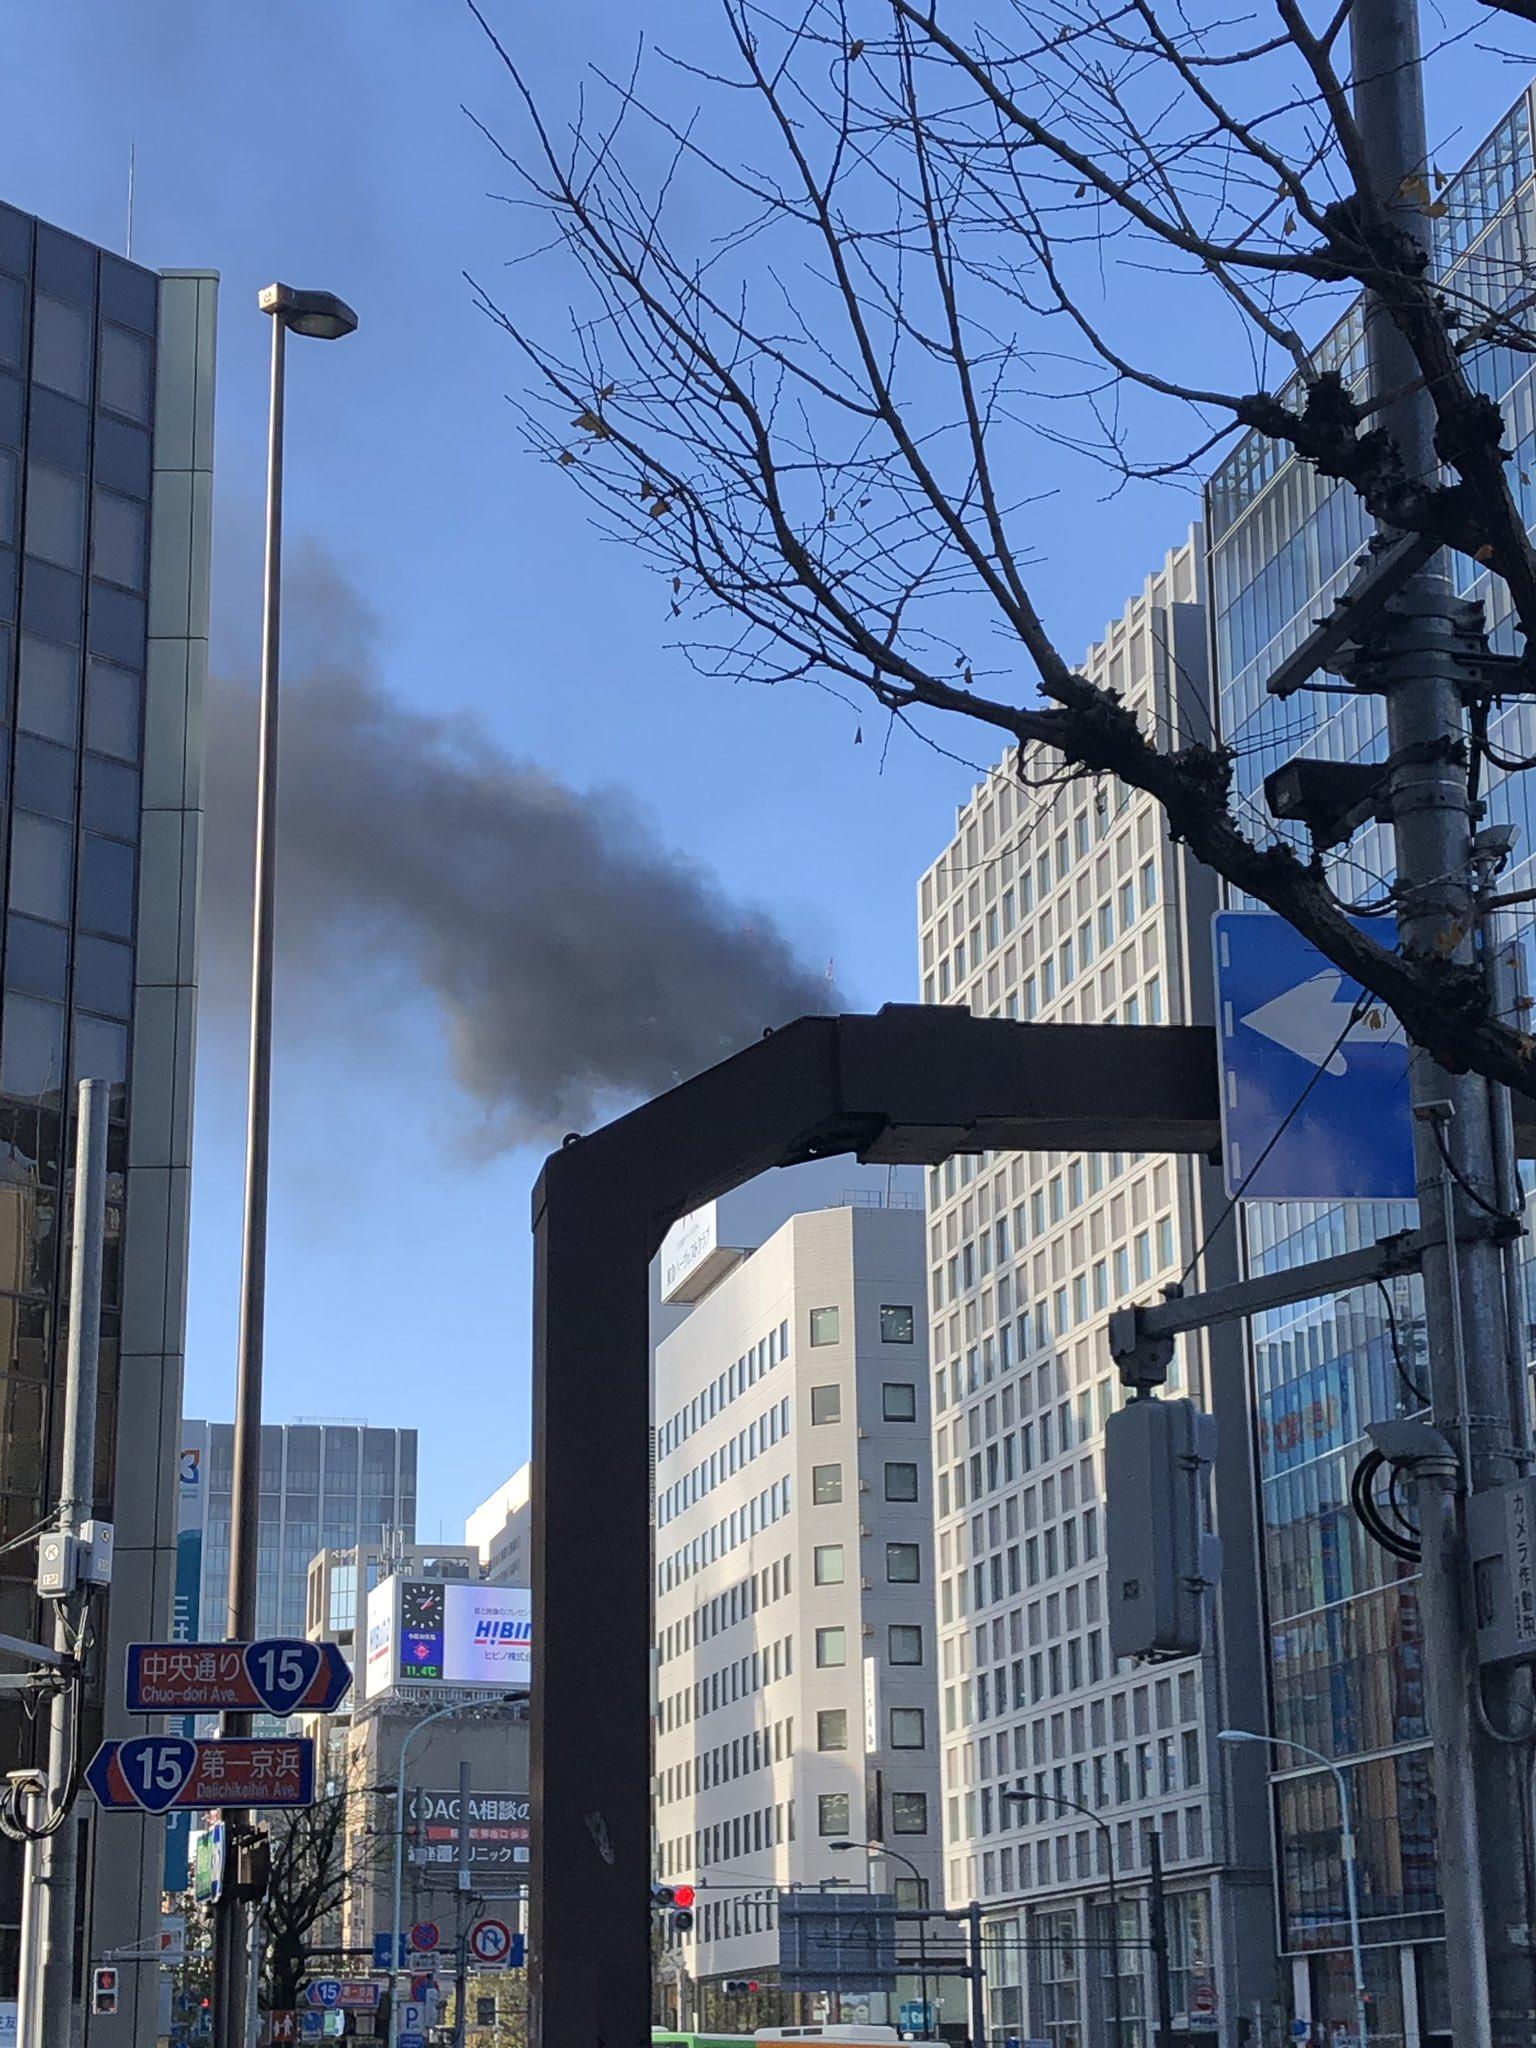 画像,ちょっと信号機で見えにくいけど、新橋駅近く火事🧯だよね? https://t.co/icTUTRJxBU。